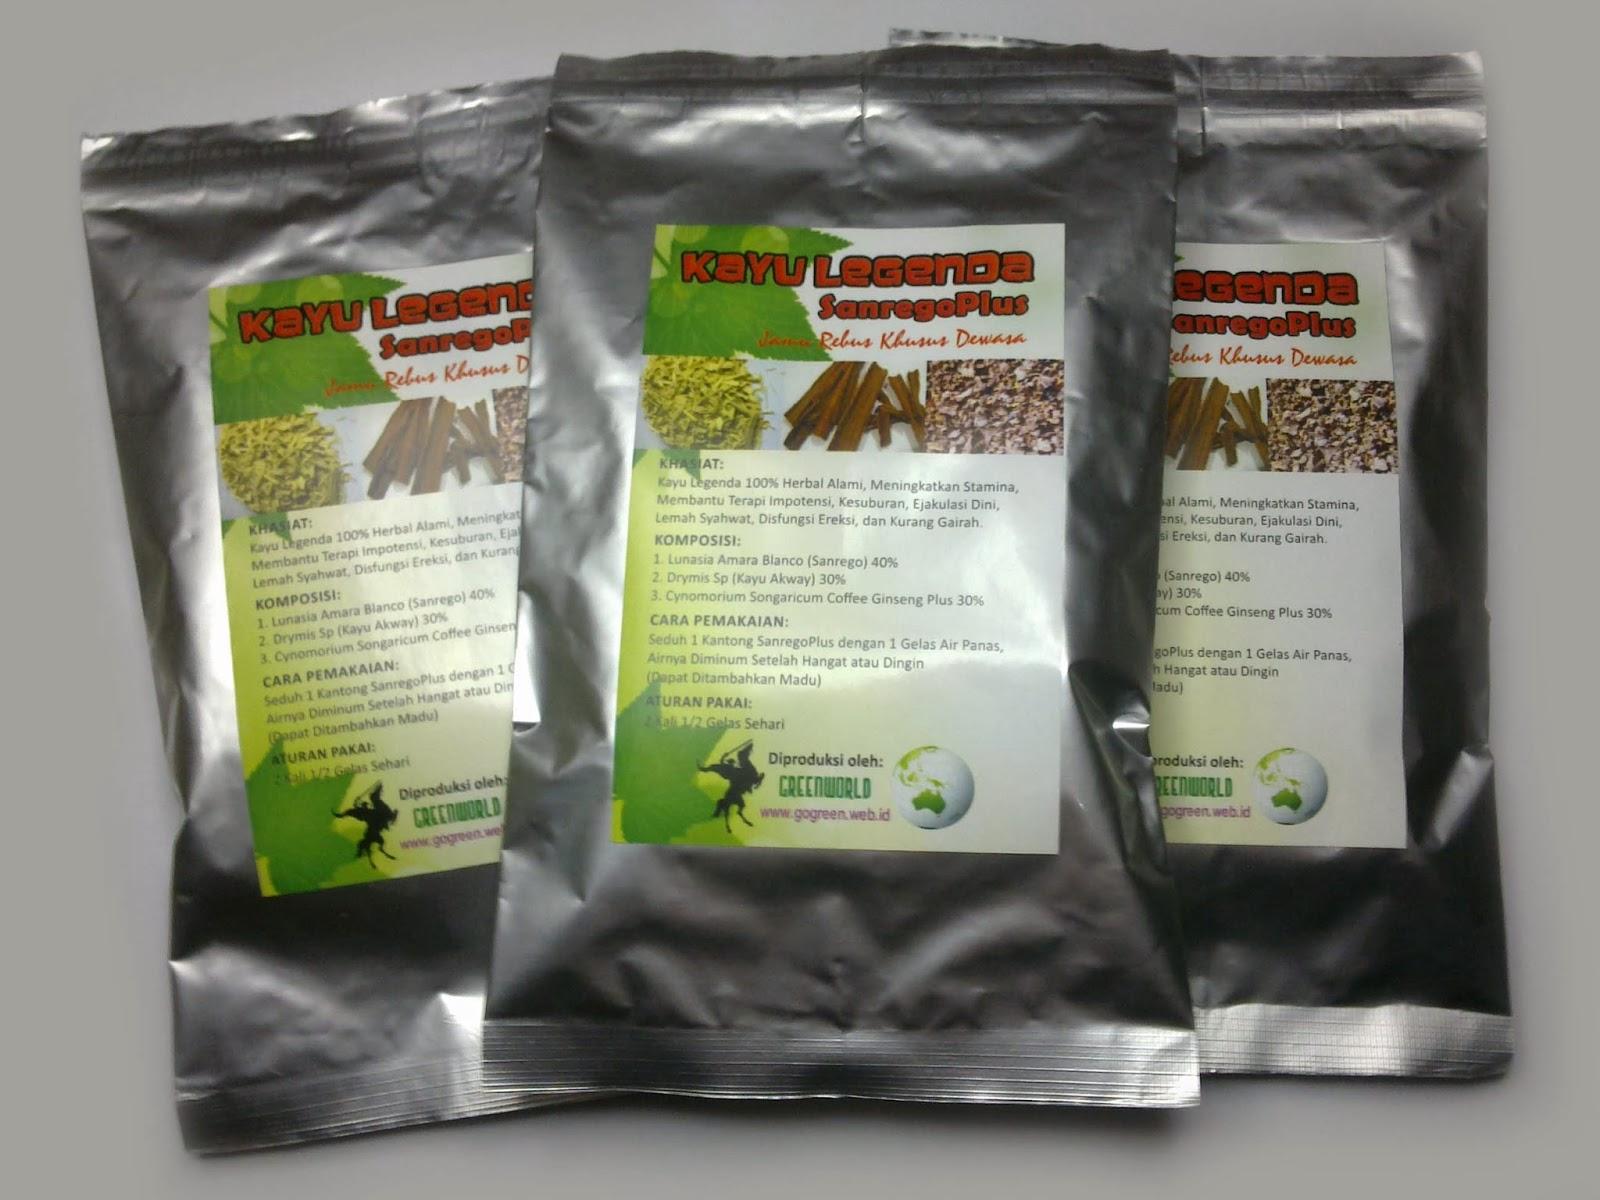 sanregoplus jamu herbal obat kuat alami dari kisah kuda liar